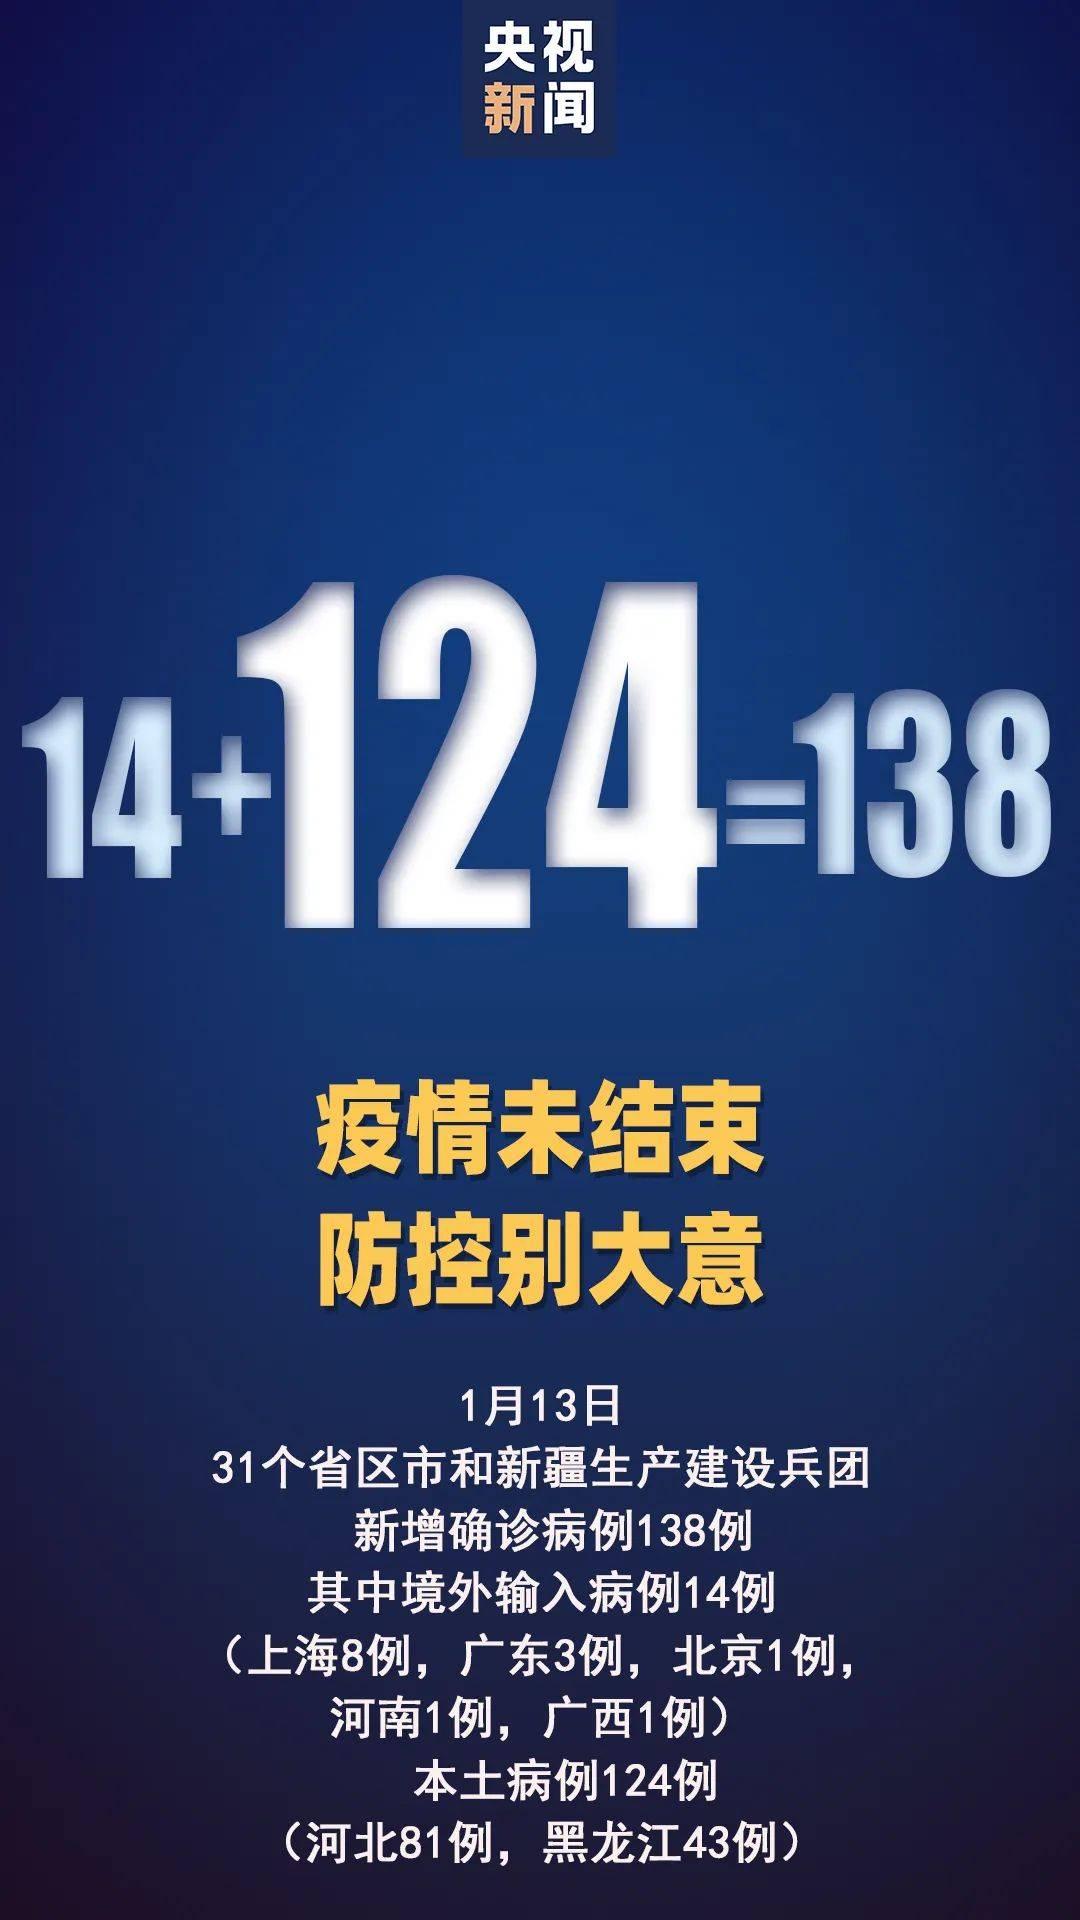 时隔242天,本土再次报告死亡病例,在河北!山西这里紧急停运17地班车!